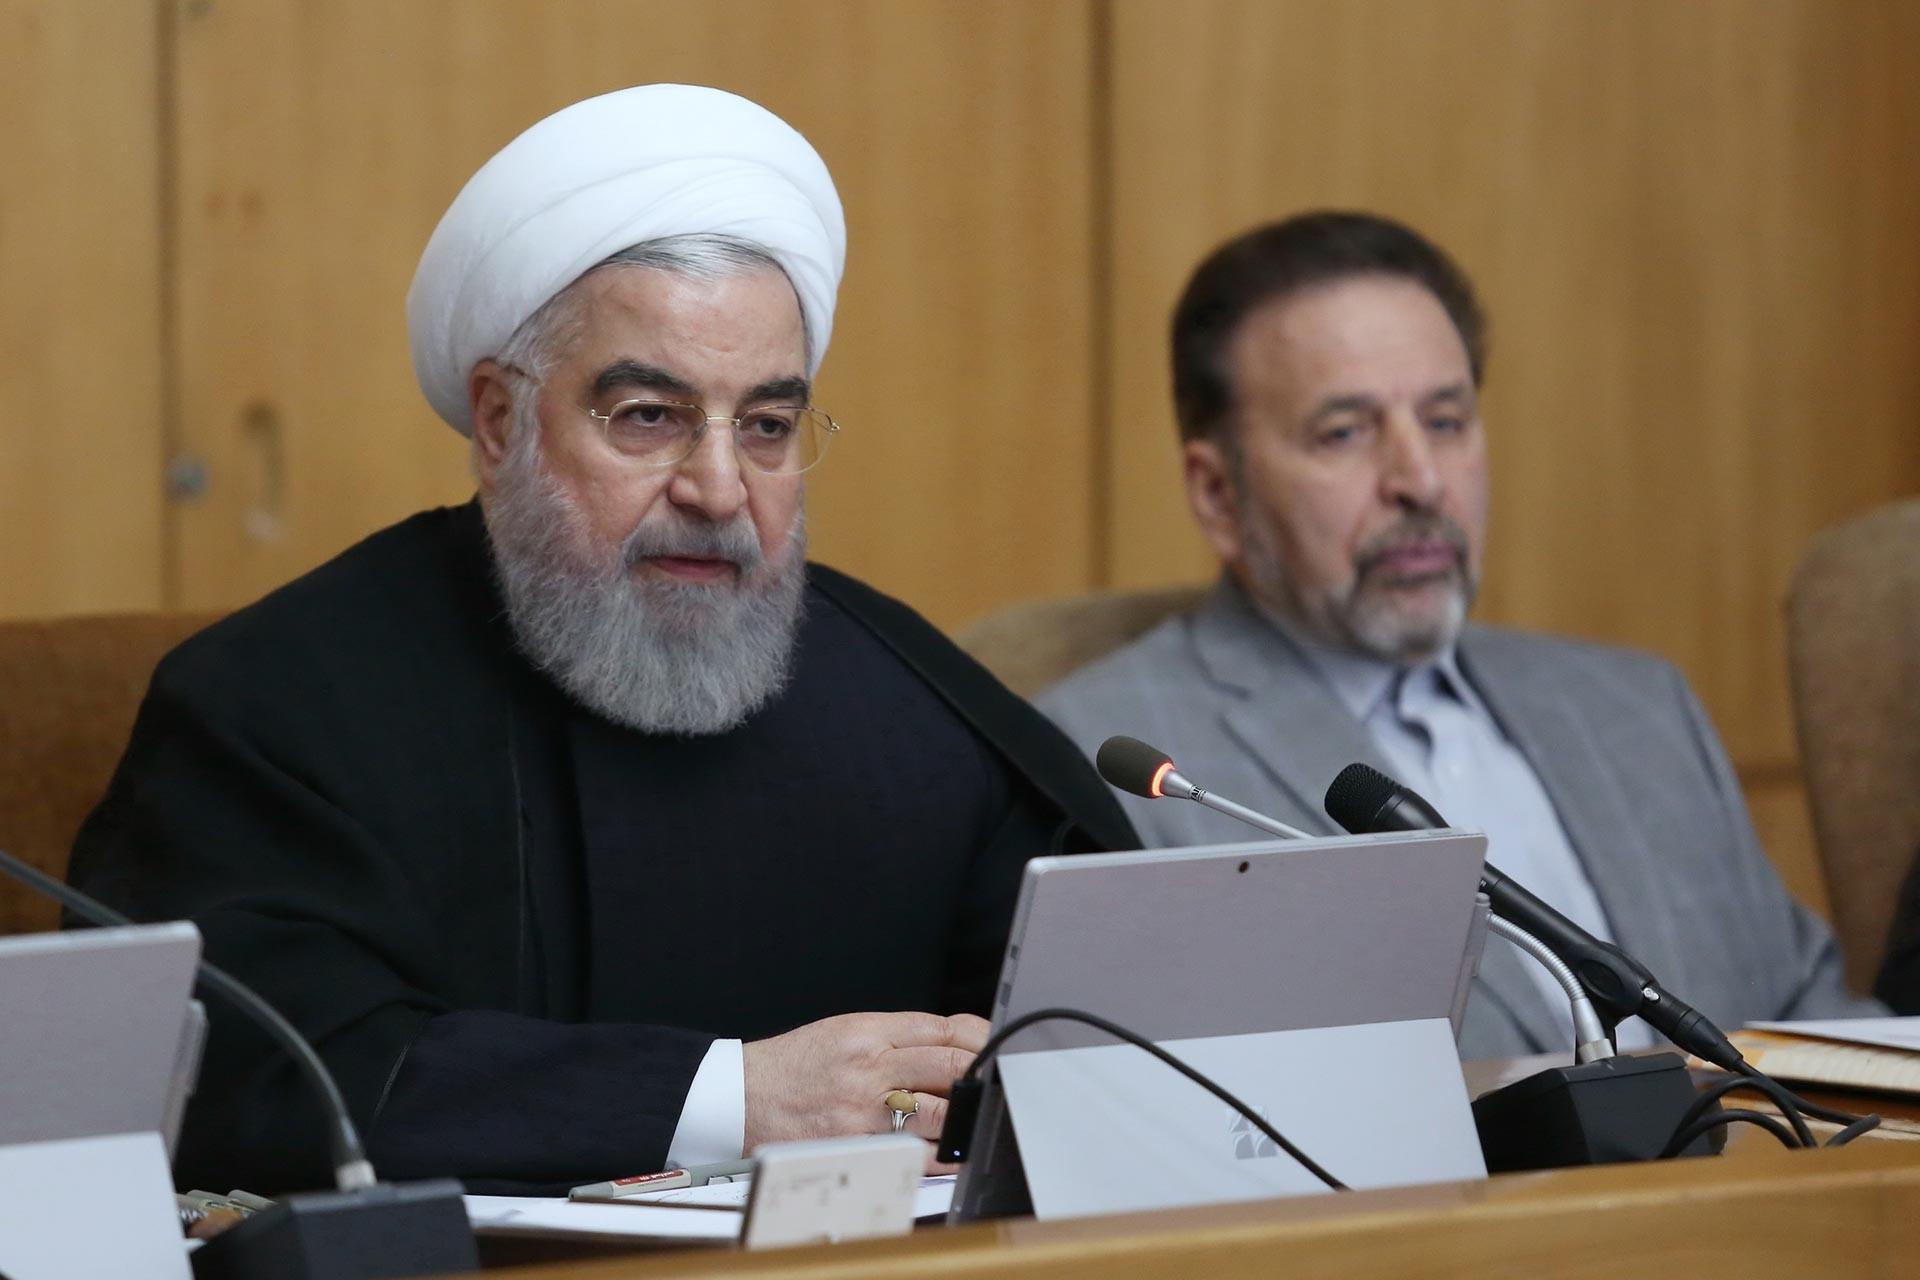 İran Cumhurbaşkanı Hasan Ruhani, ülke genelinde devam eden benzin zammı protestolarıyla ilgili açıklamalarda bulunurken